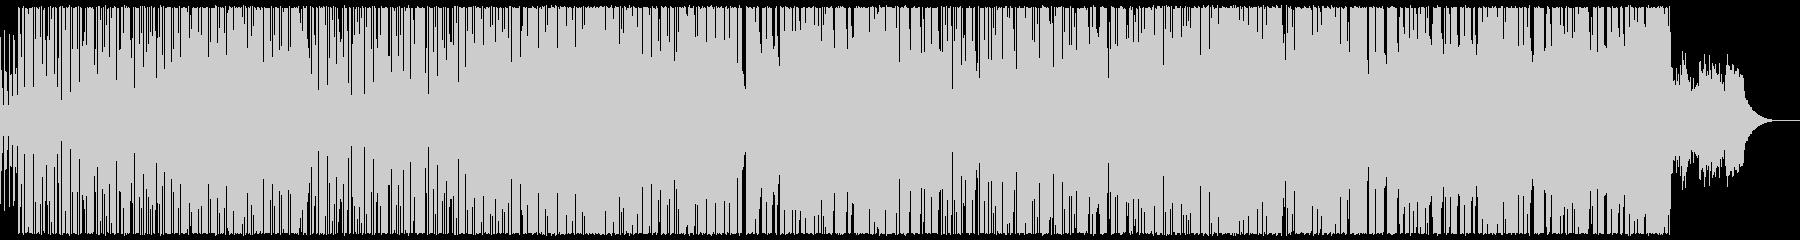 ほのぼの明るいエレクトロポップの未再生の波形